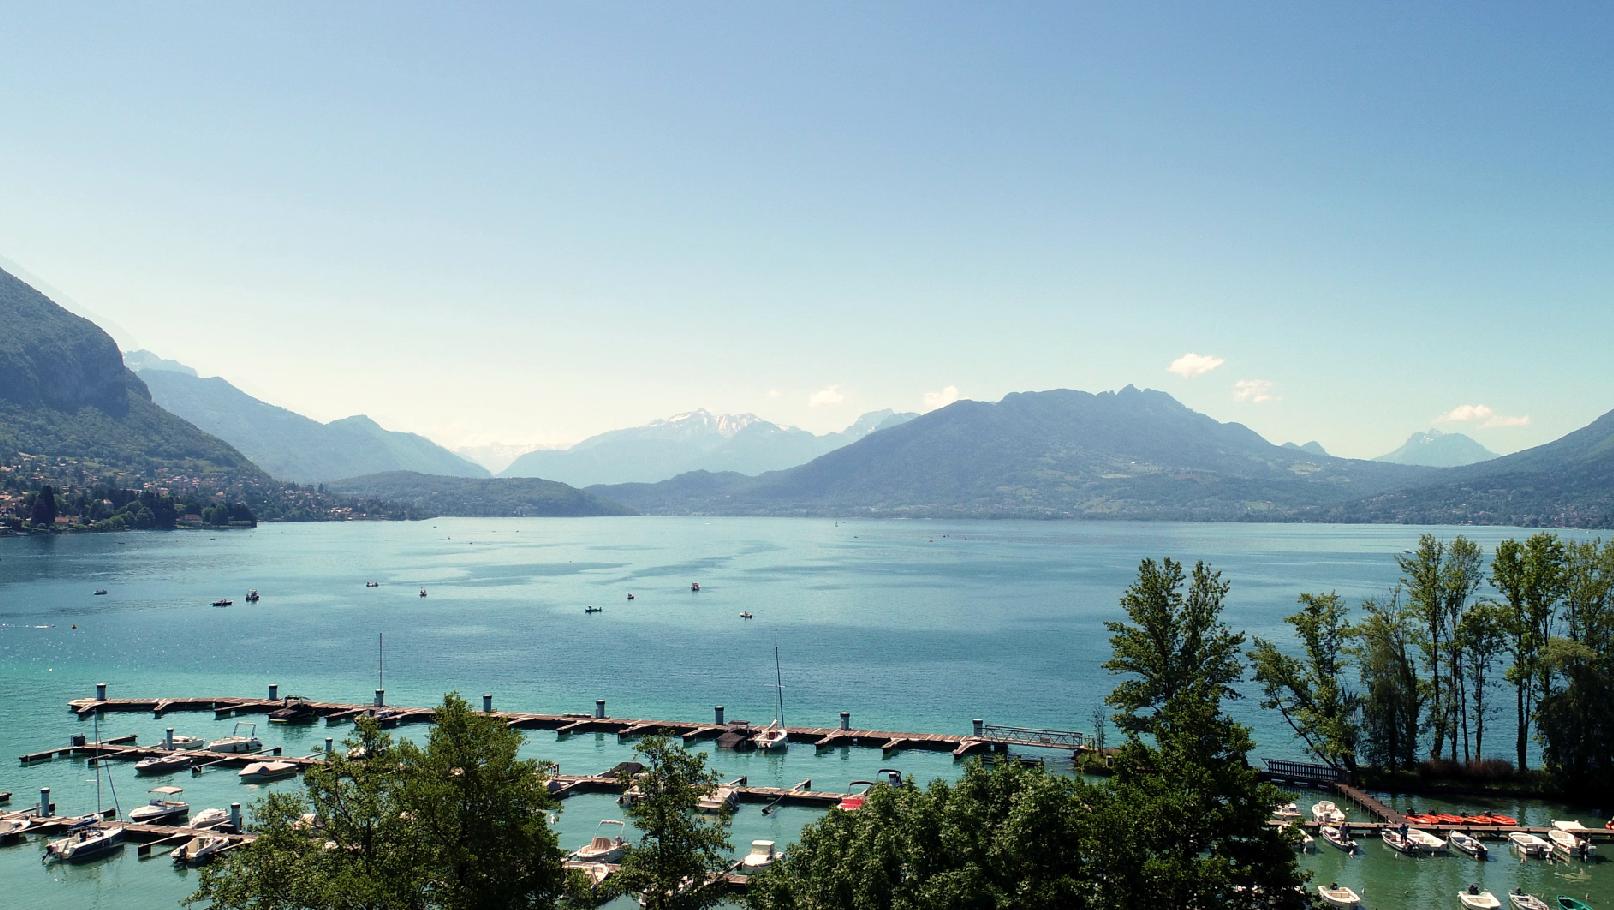 Vue lac de l'Hôtel Rivage Au Bord Du Lac d'Annecy